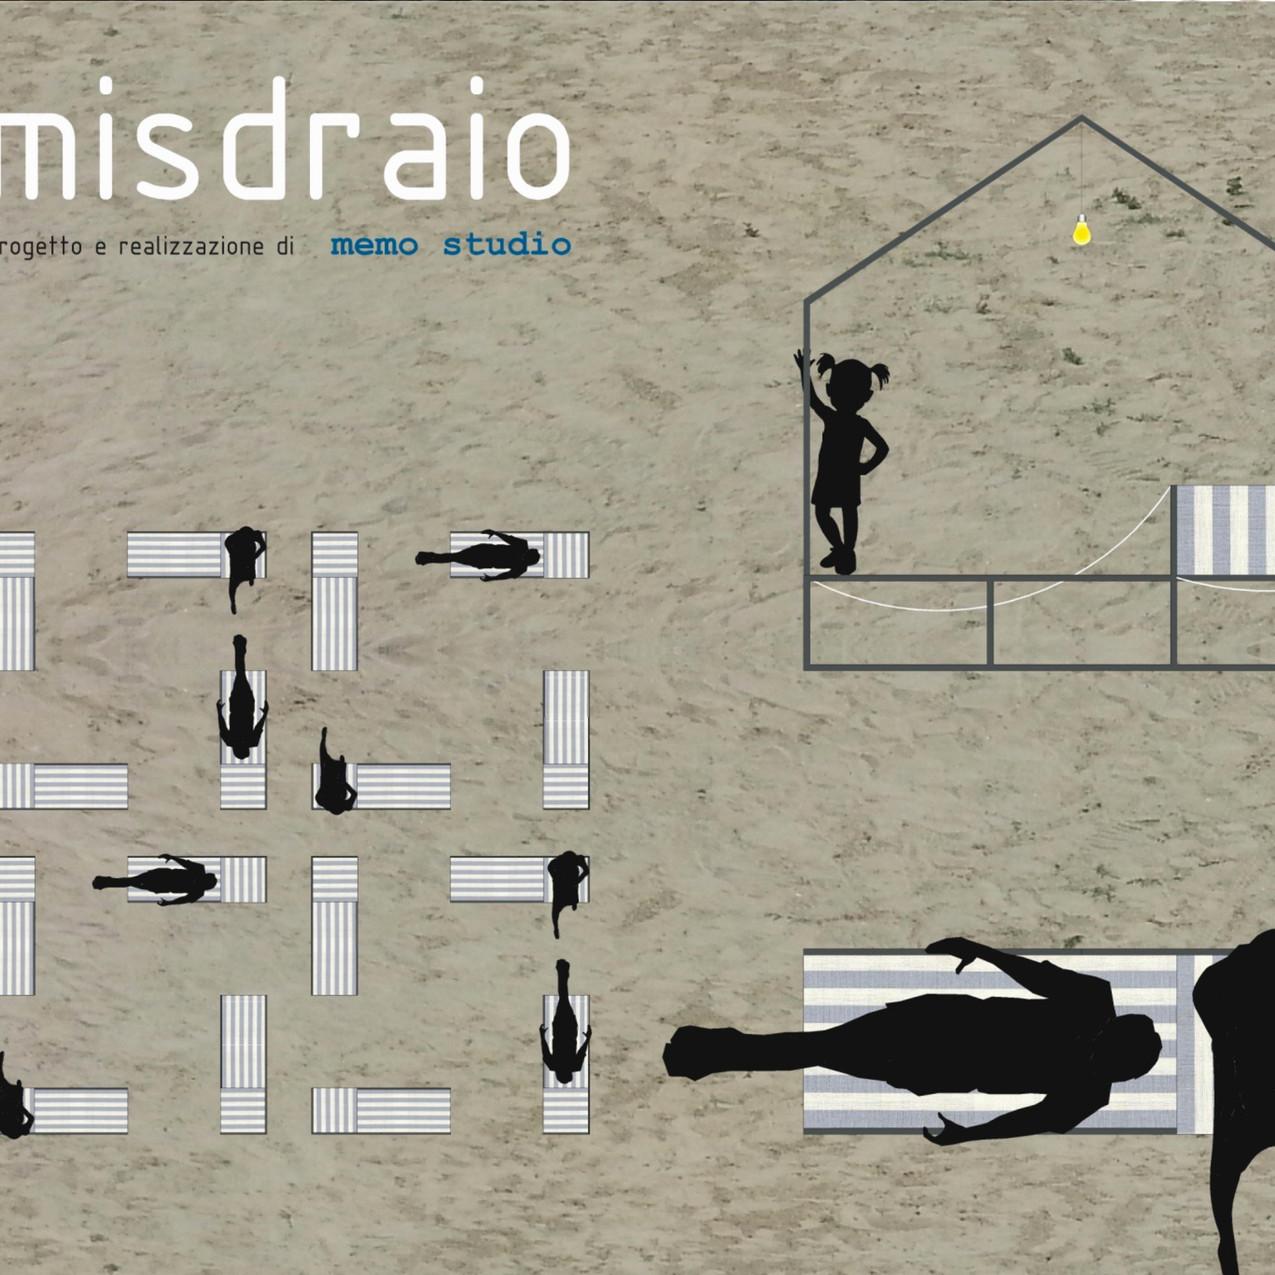 misdraio_4